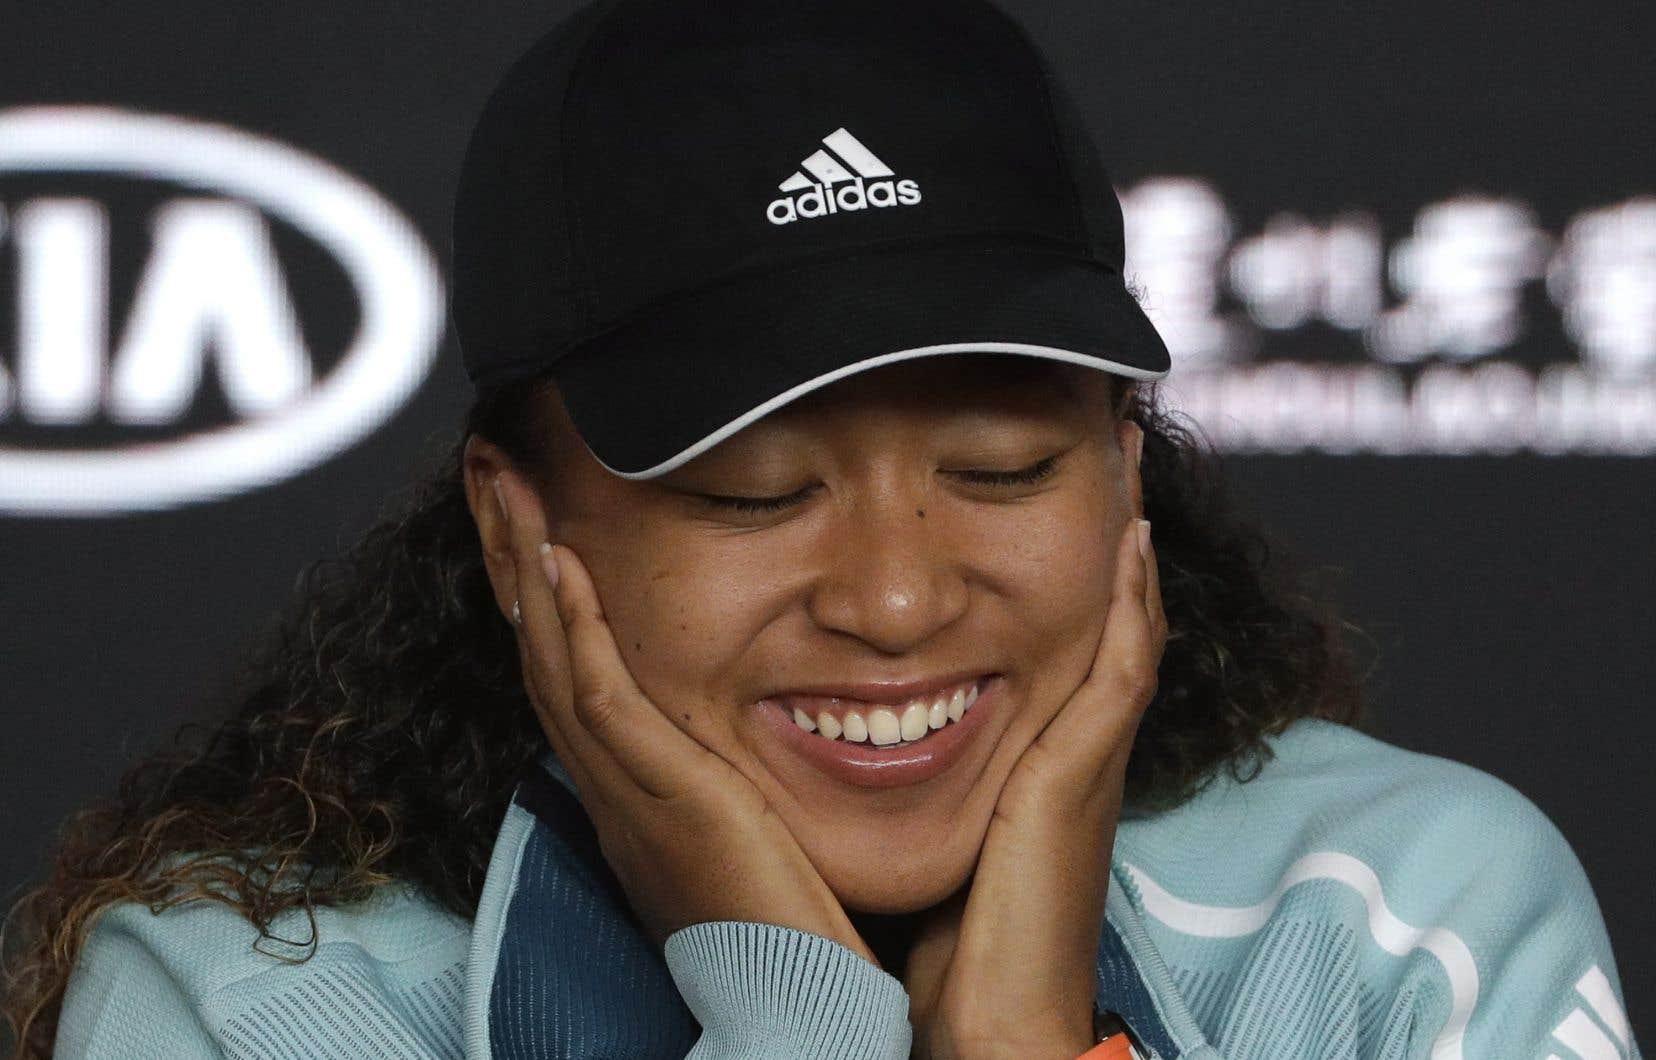 Naomi Osaka s'est qualifiée pour la finale des Internationaux d'Australie grâce à une victoire de 6-2, 4-6, 6-4 contre la Tchèque Karolina Pliskova jeudi soir.